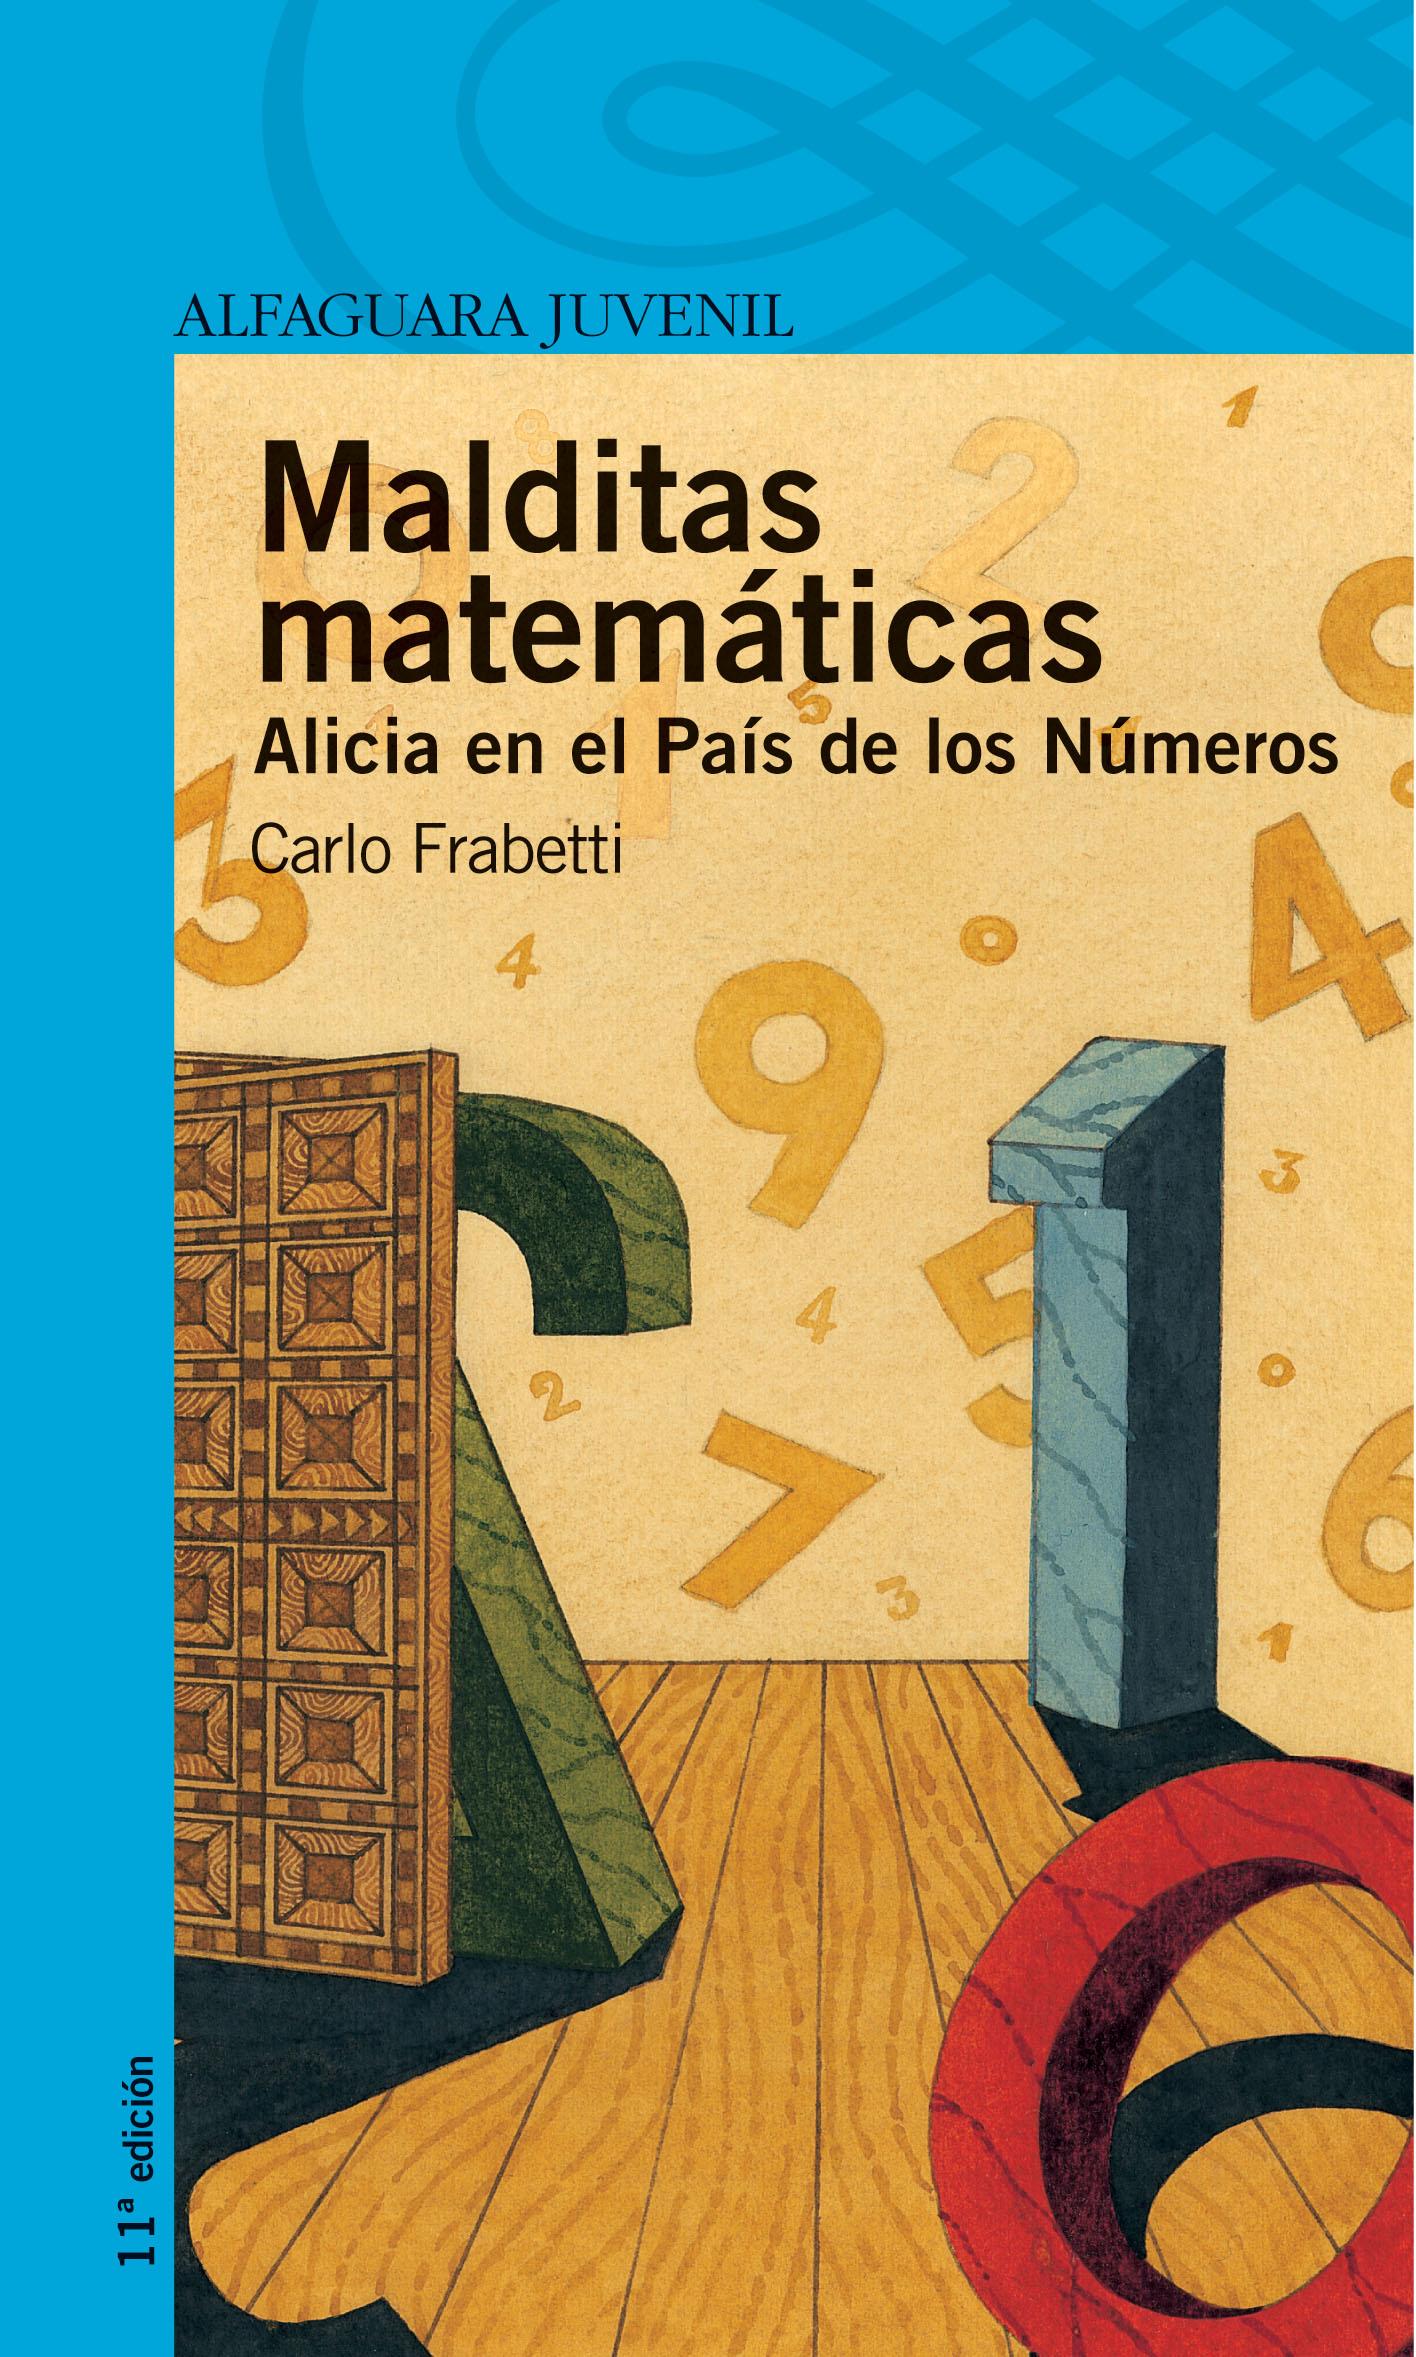 Malditas matemáticas. Alicia en el país de los números (Reseña del libro de Carlo Frabetti)